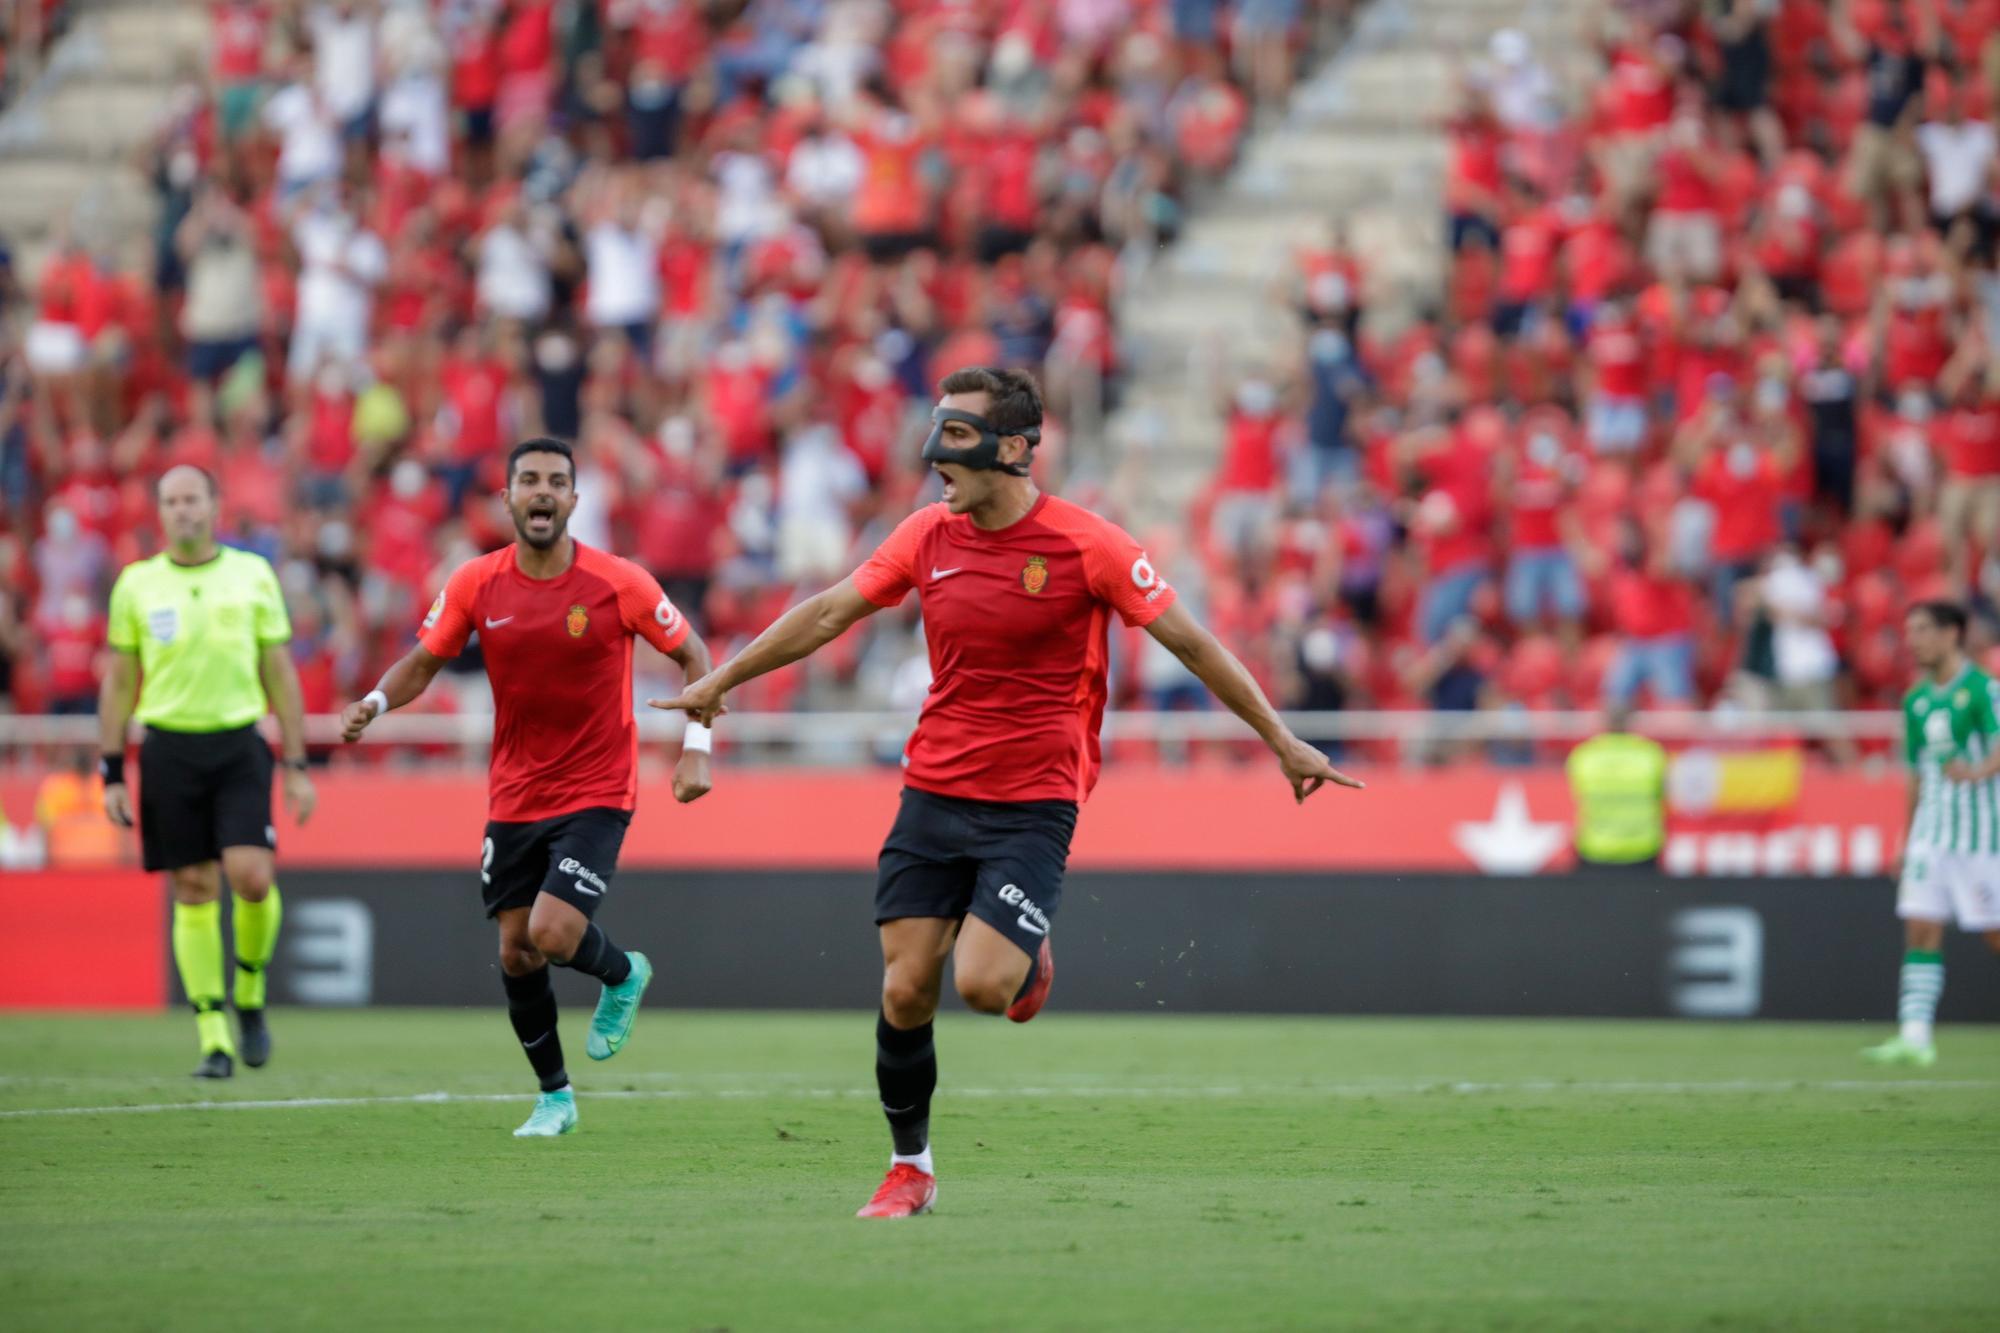 Regreso con sabor agridulce del Mallorca frente al Betis (1-1)